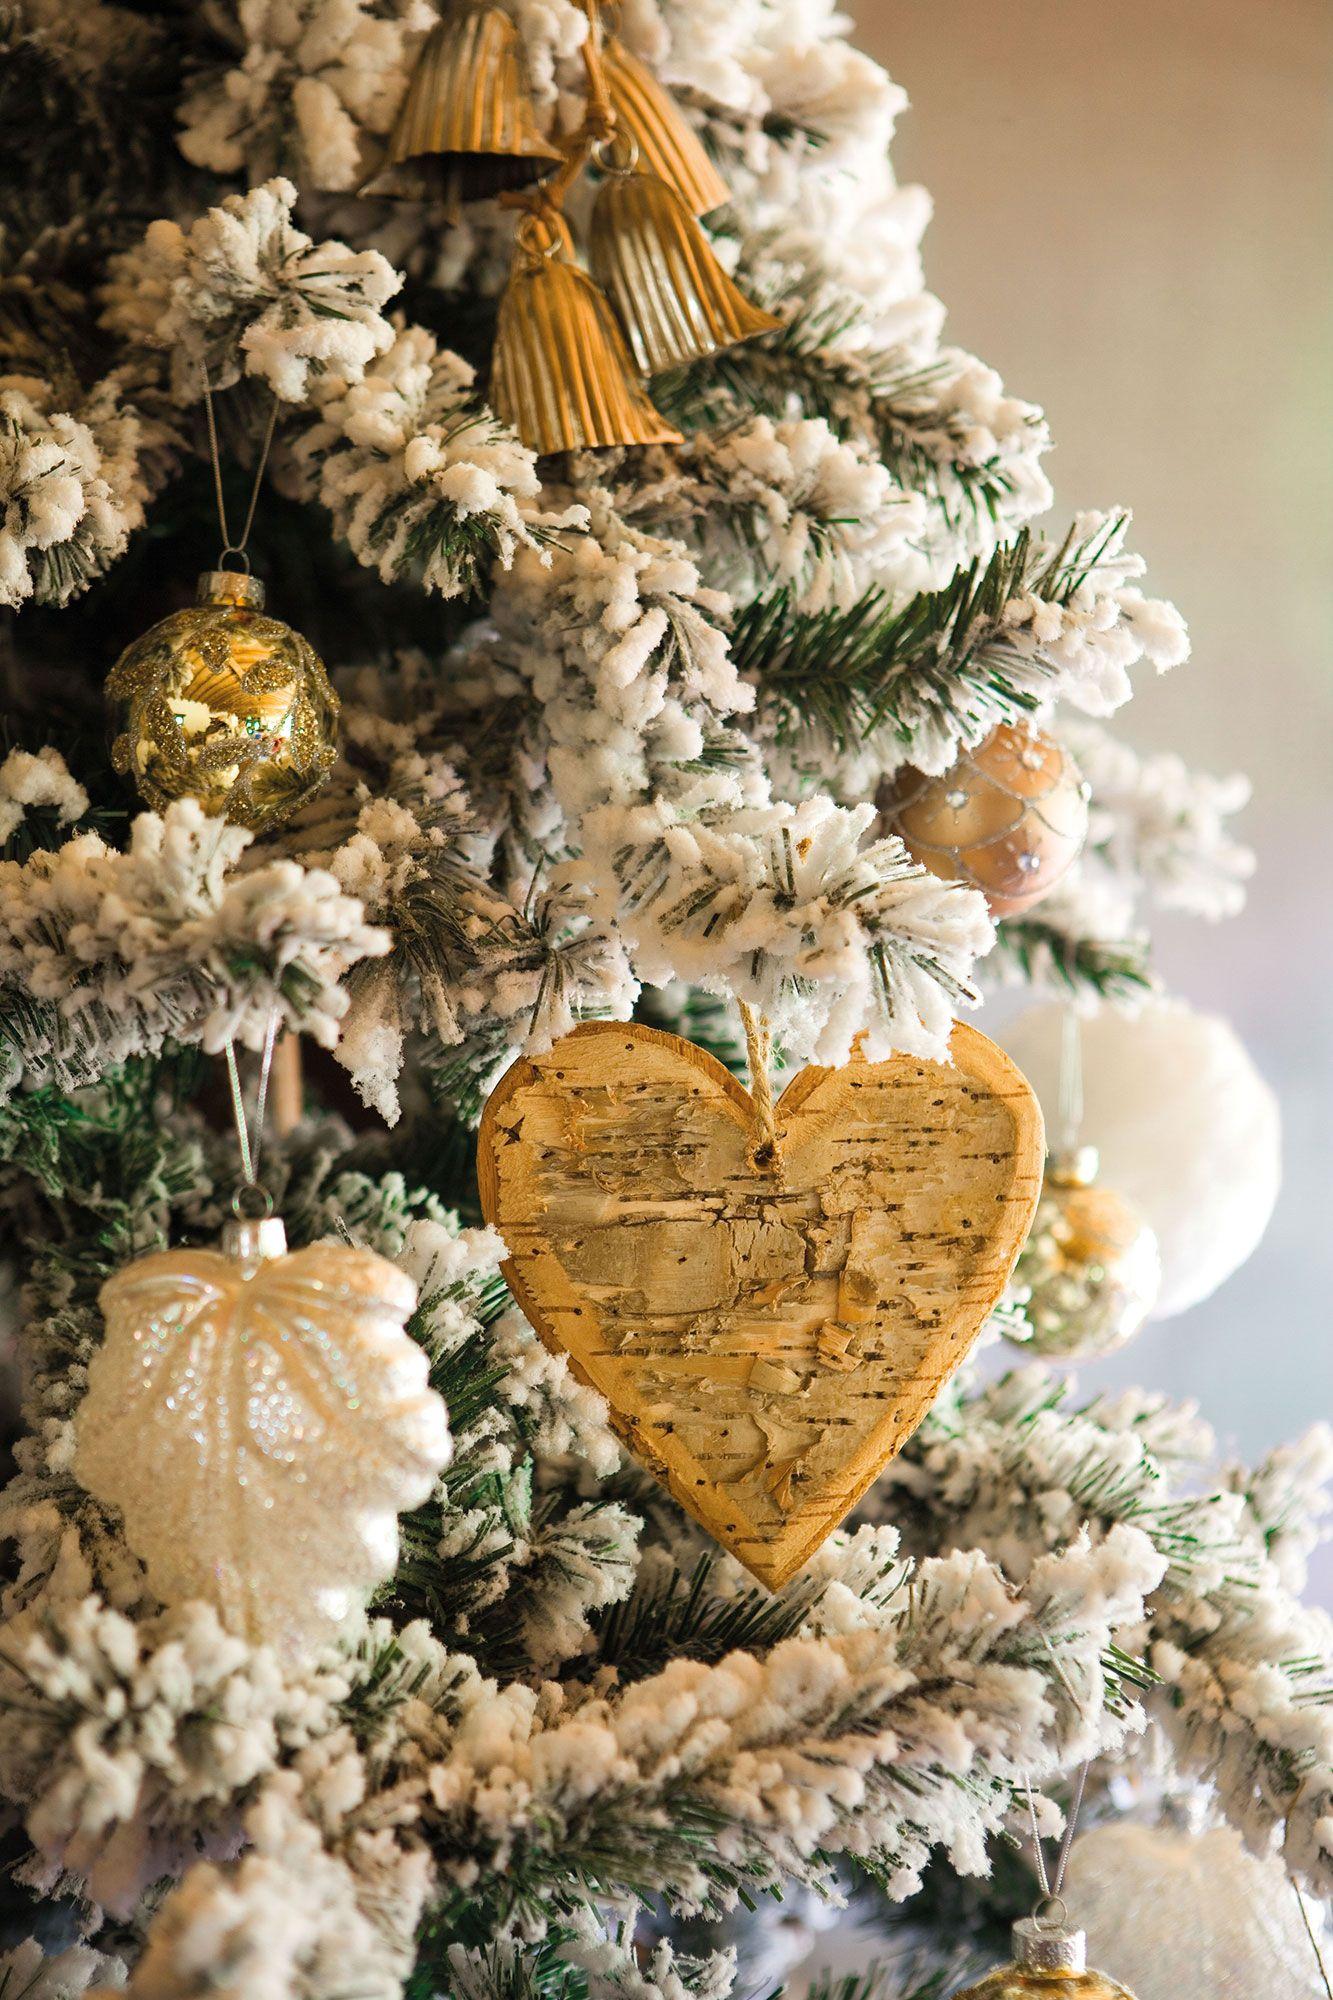 Detalle de adornos navide os en blanco y dorado en rbol nevado